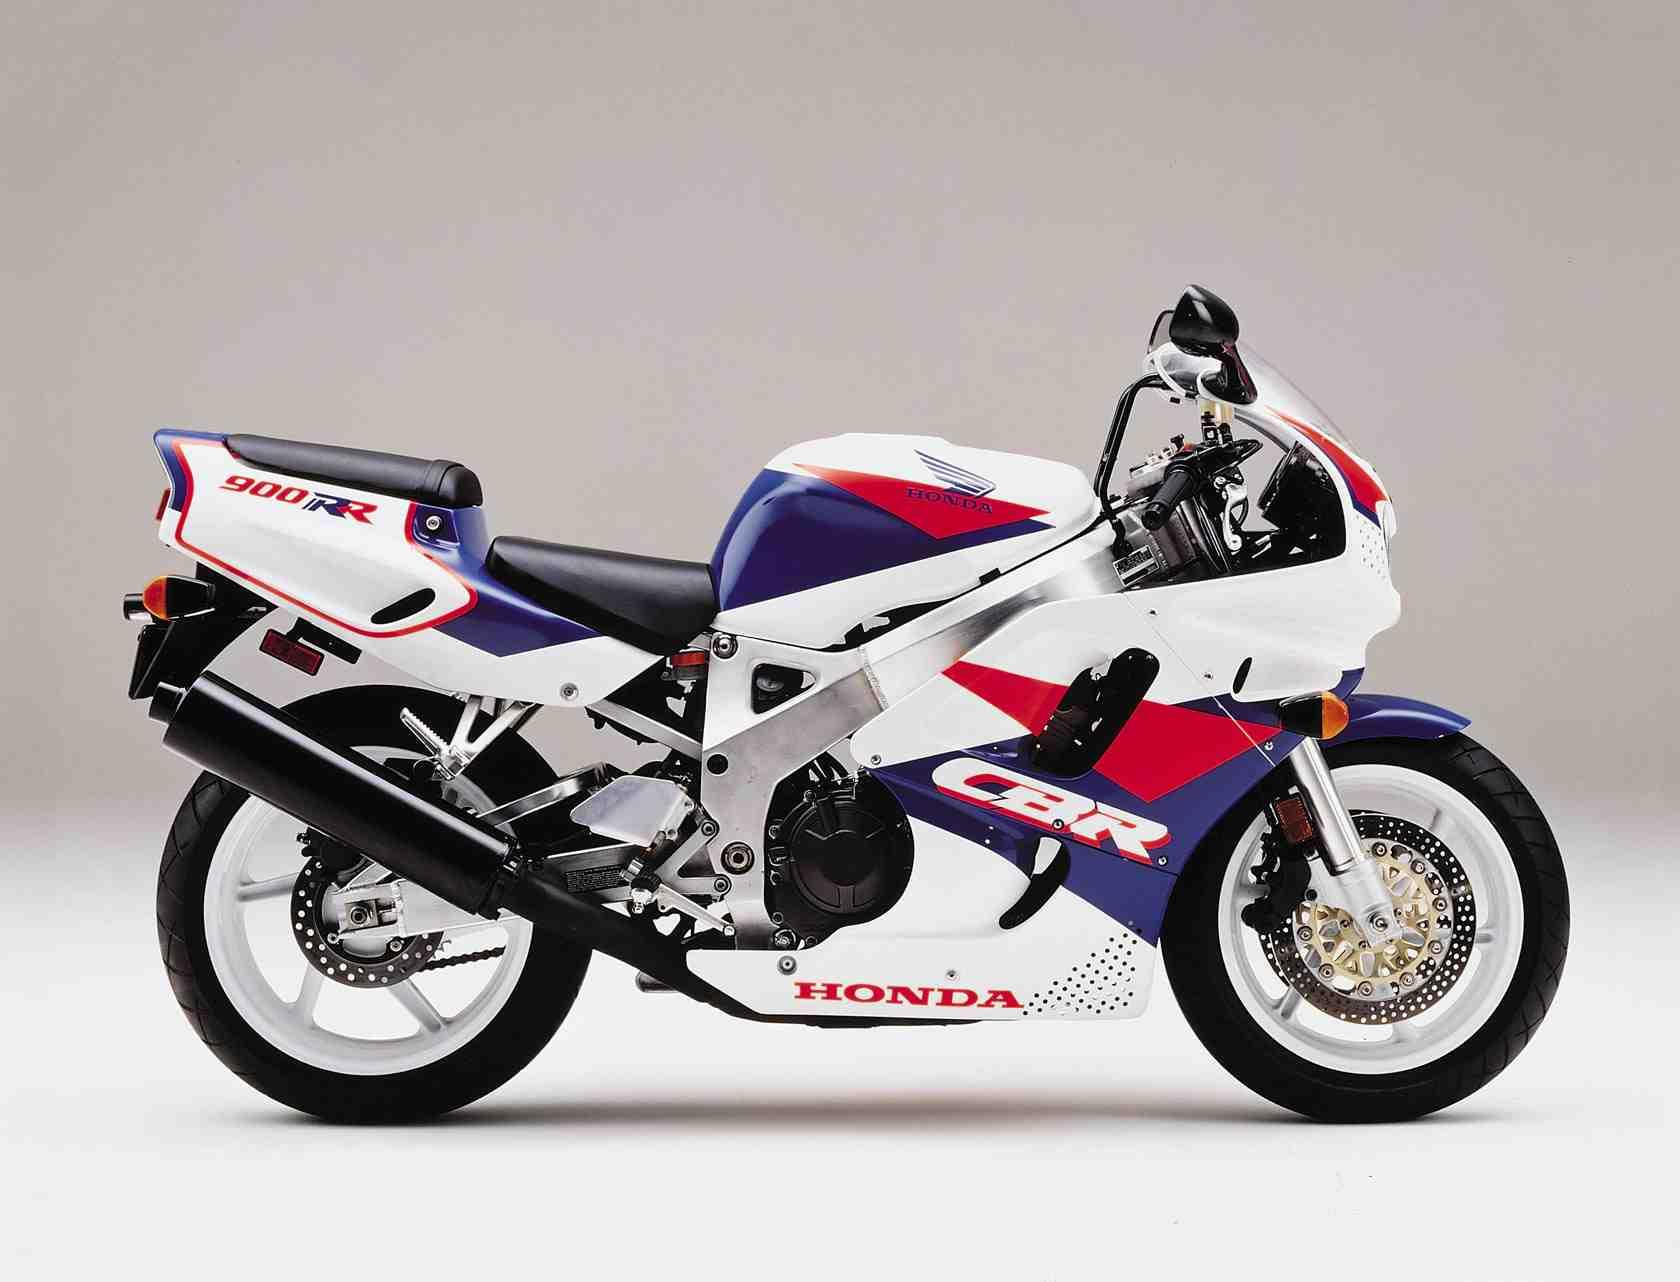 Honda Motorcycles Cbr900